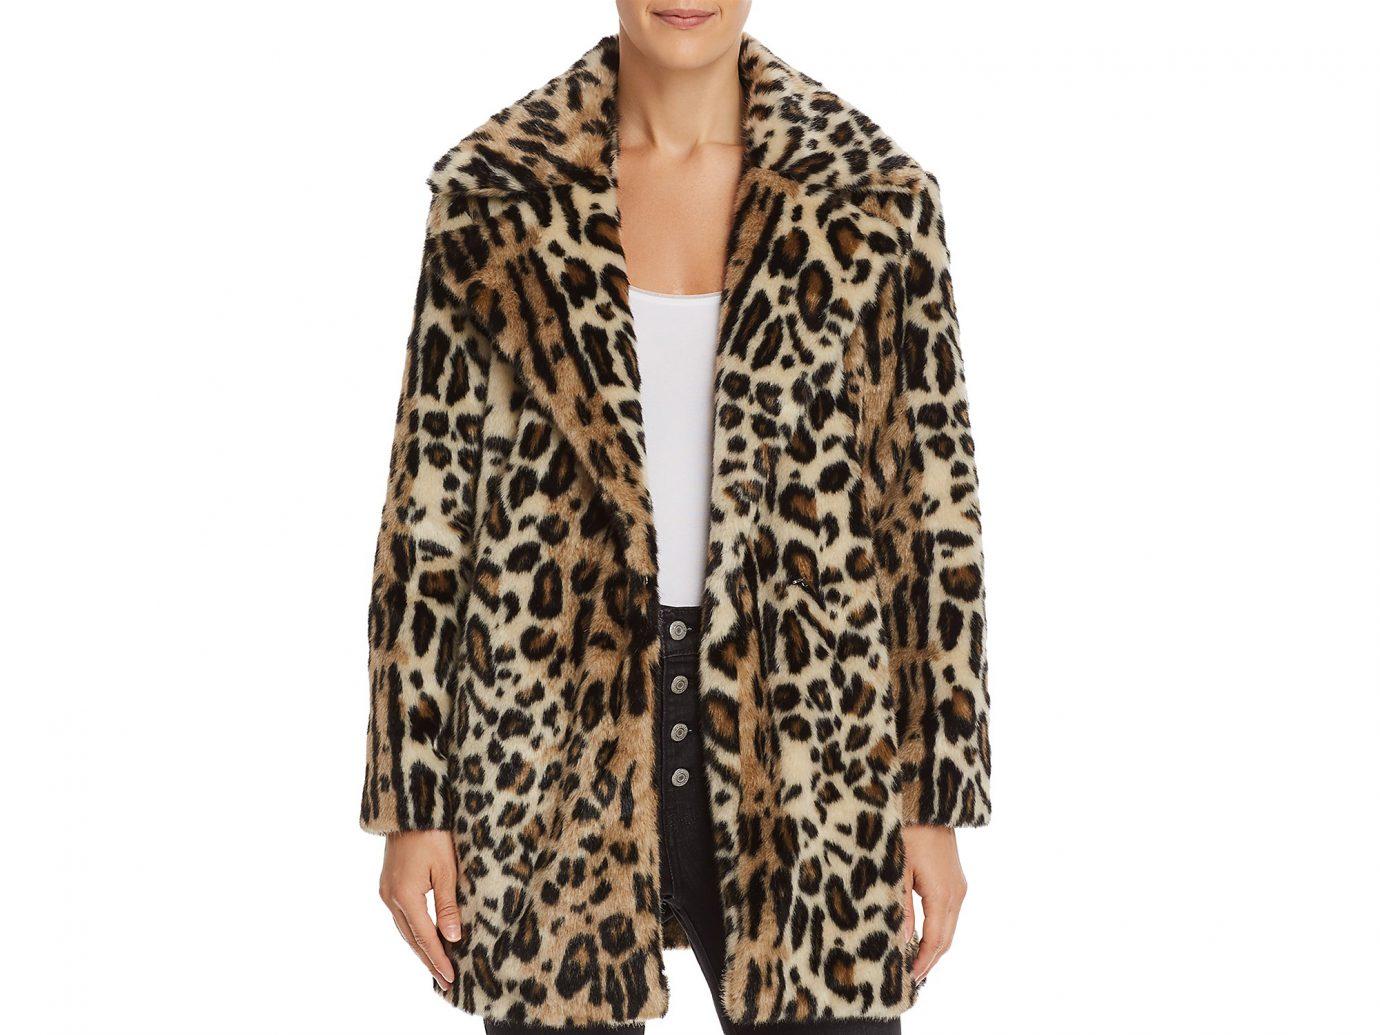 Frame Leopard print Faux Fur Coat